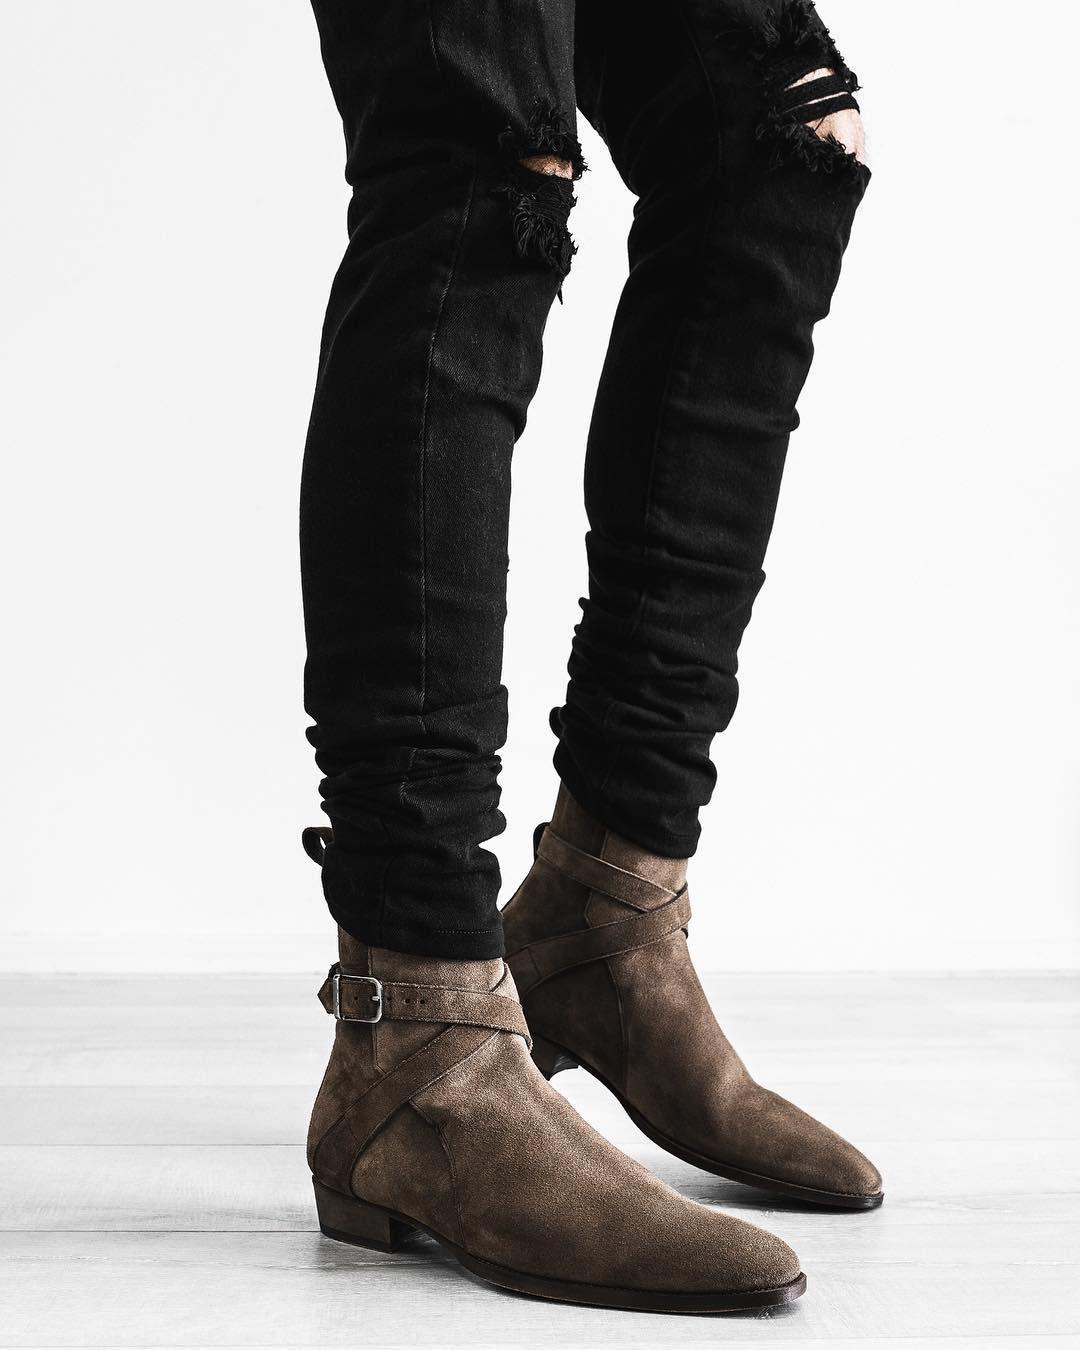 Những đôi Jodhpur Boot dẽ dàng hơn trong việc mang vào và tháo ra